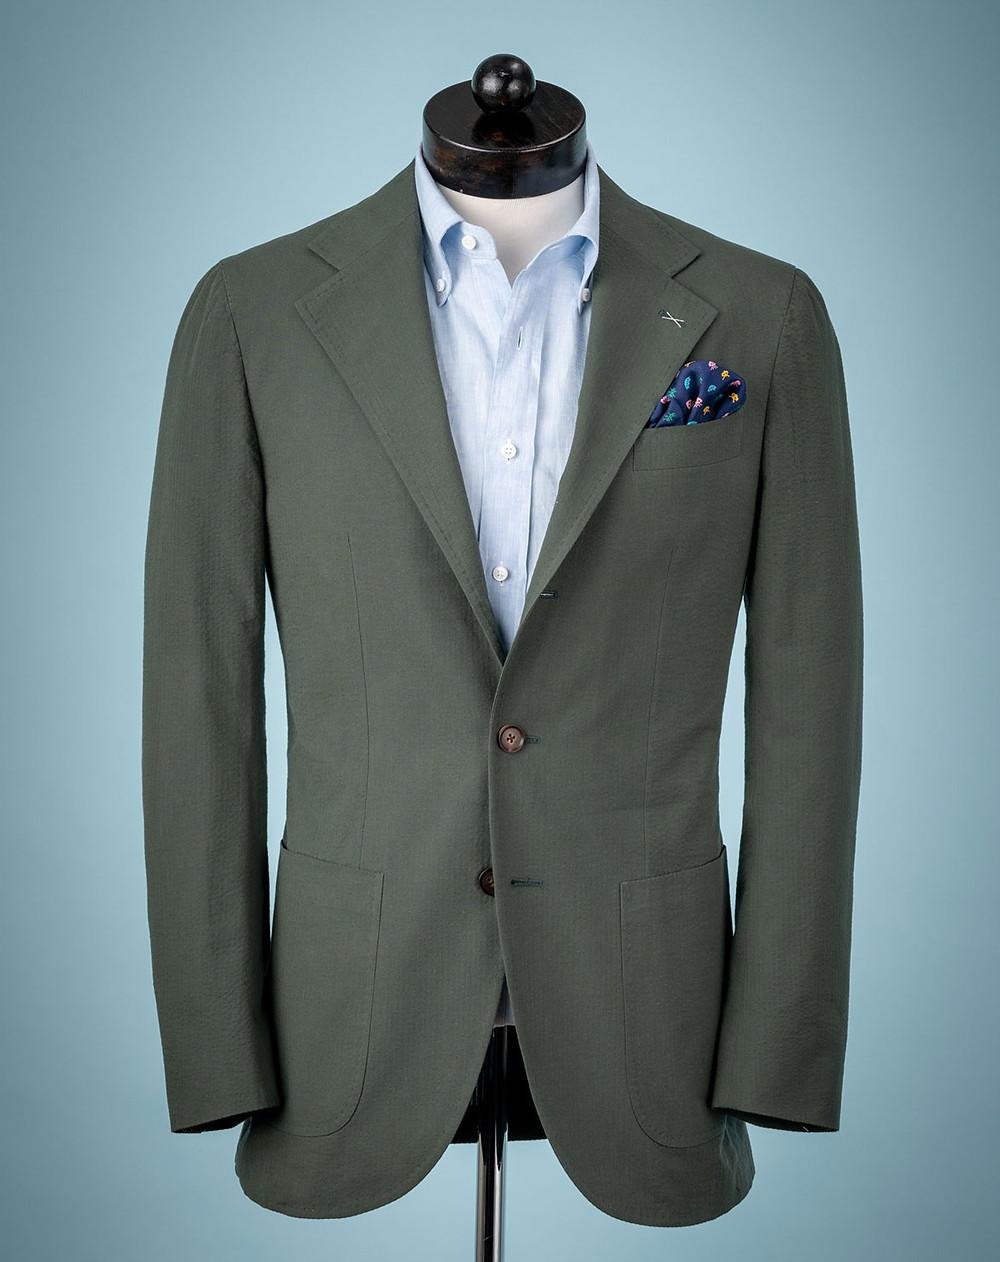 Spier MacKay Minnis Green Seersucker Neapolitan Suit